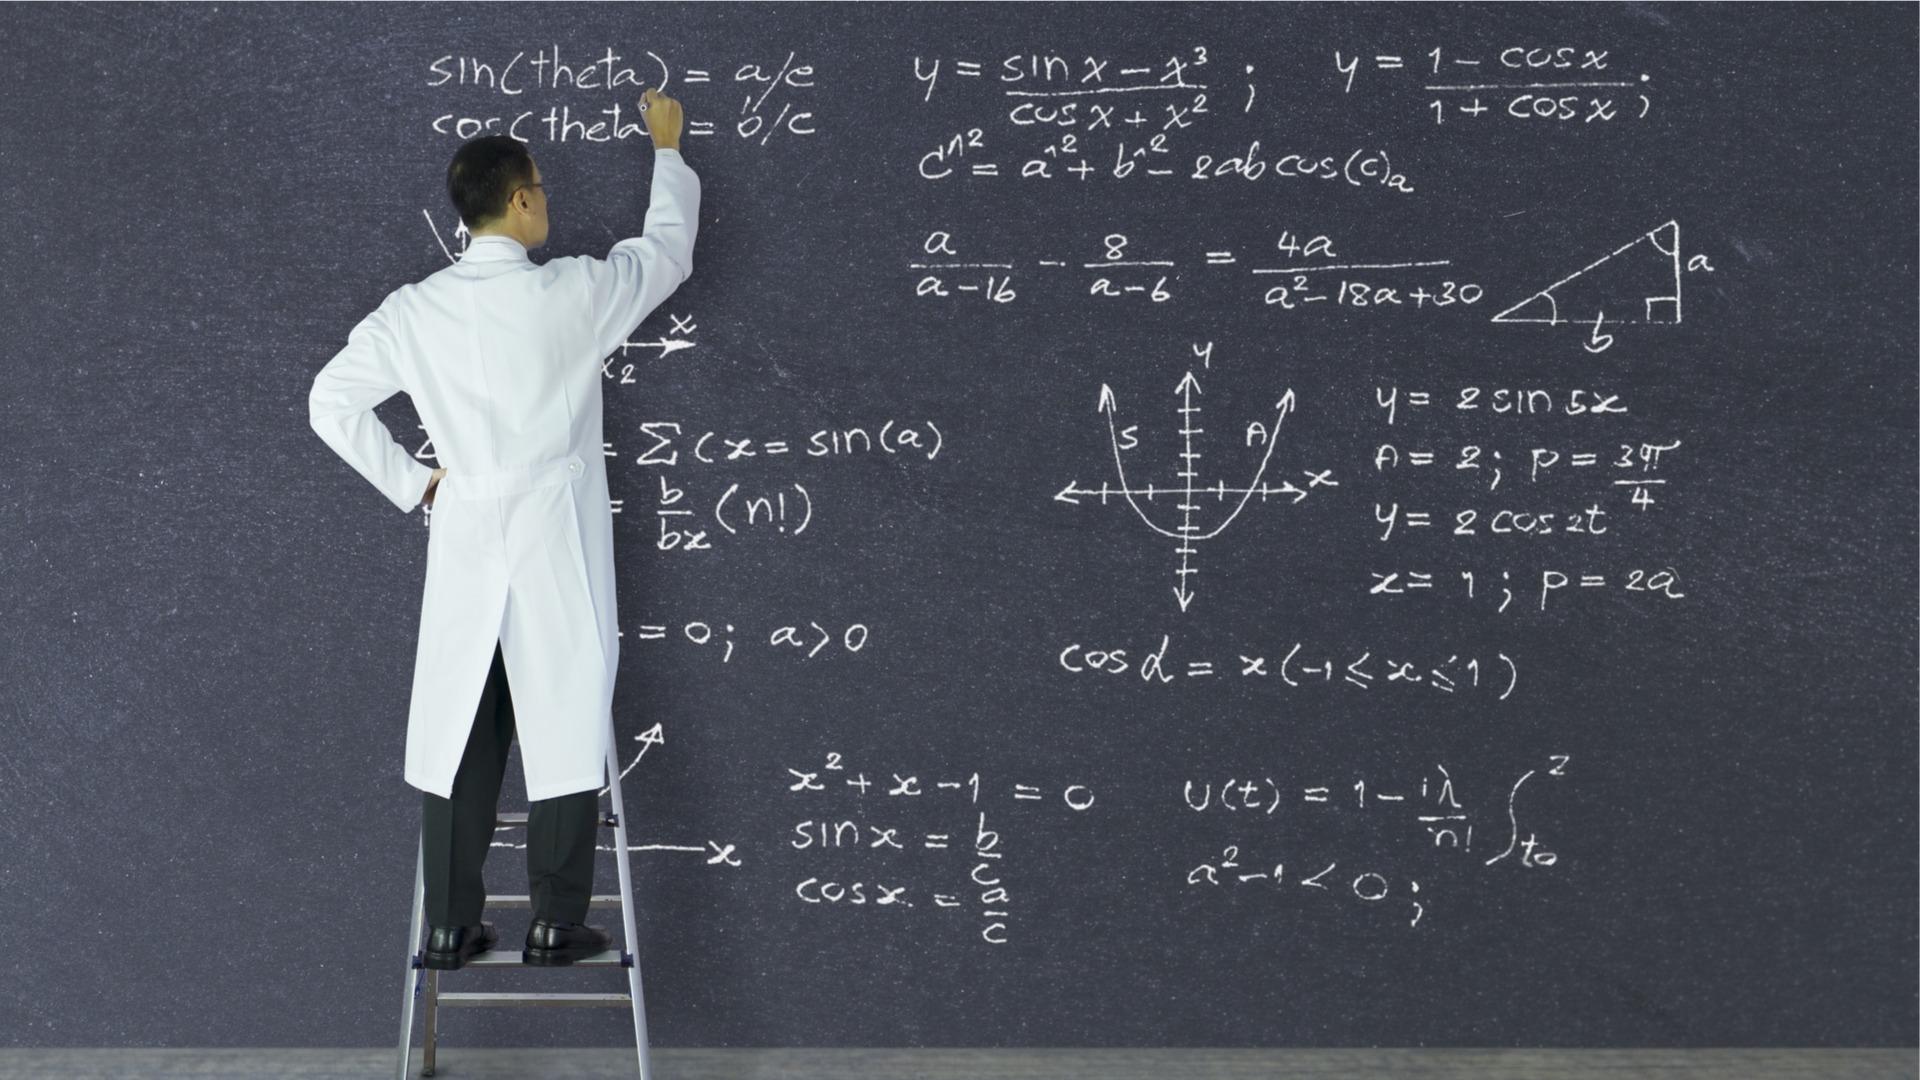 Genius equation